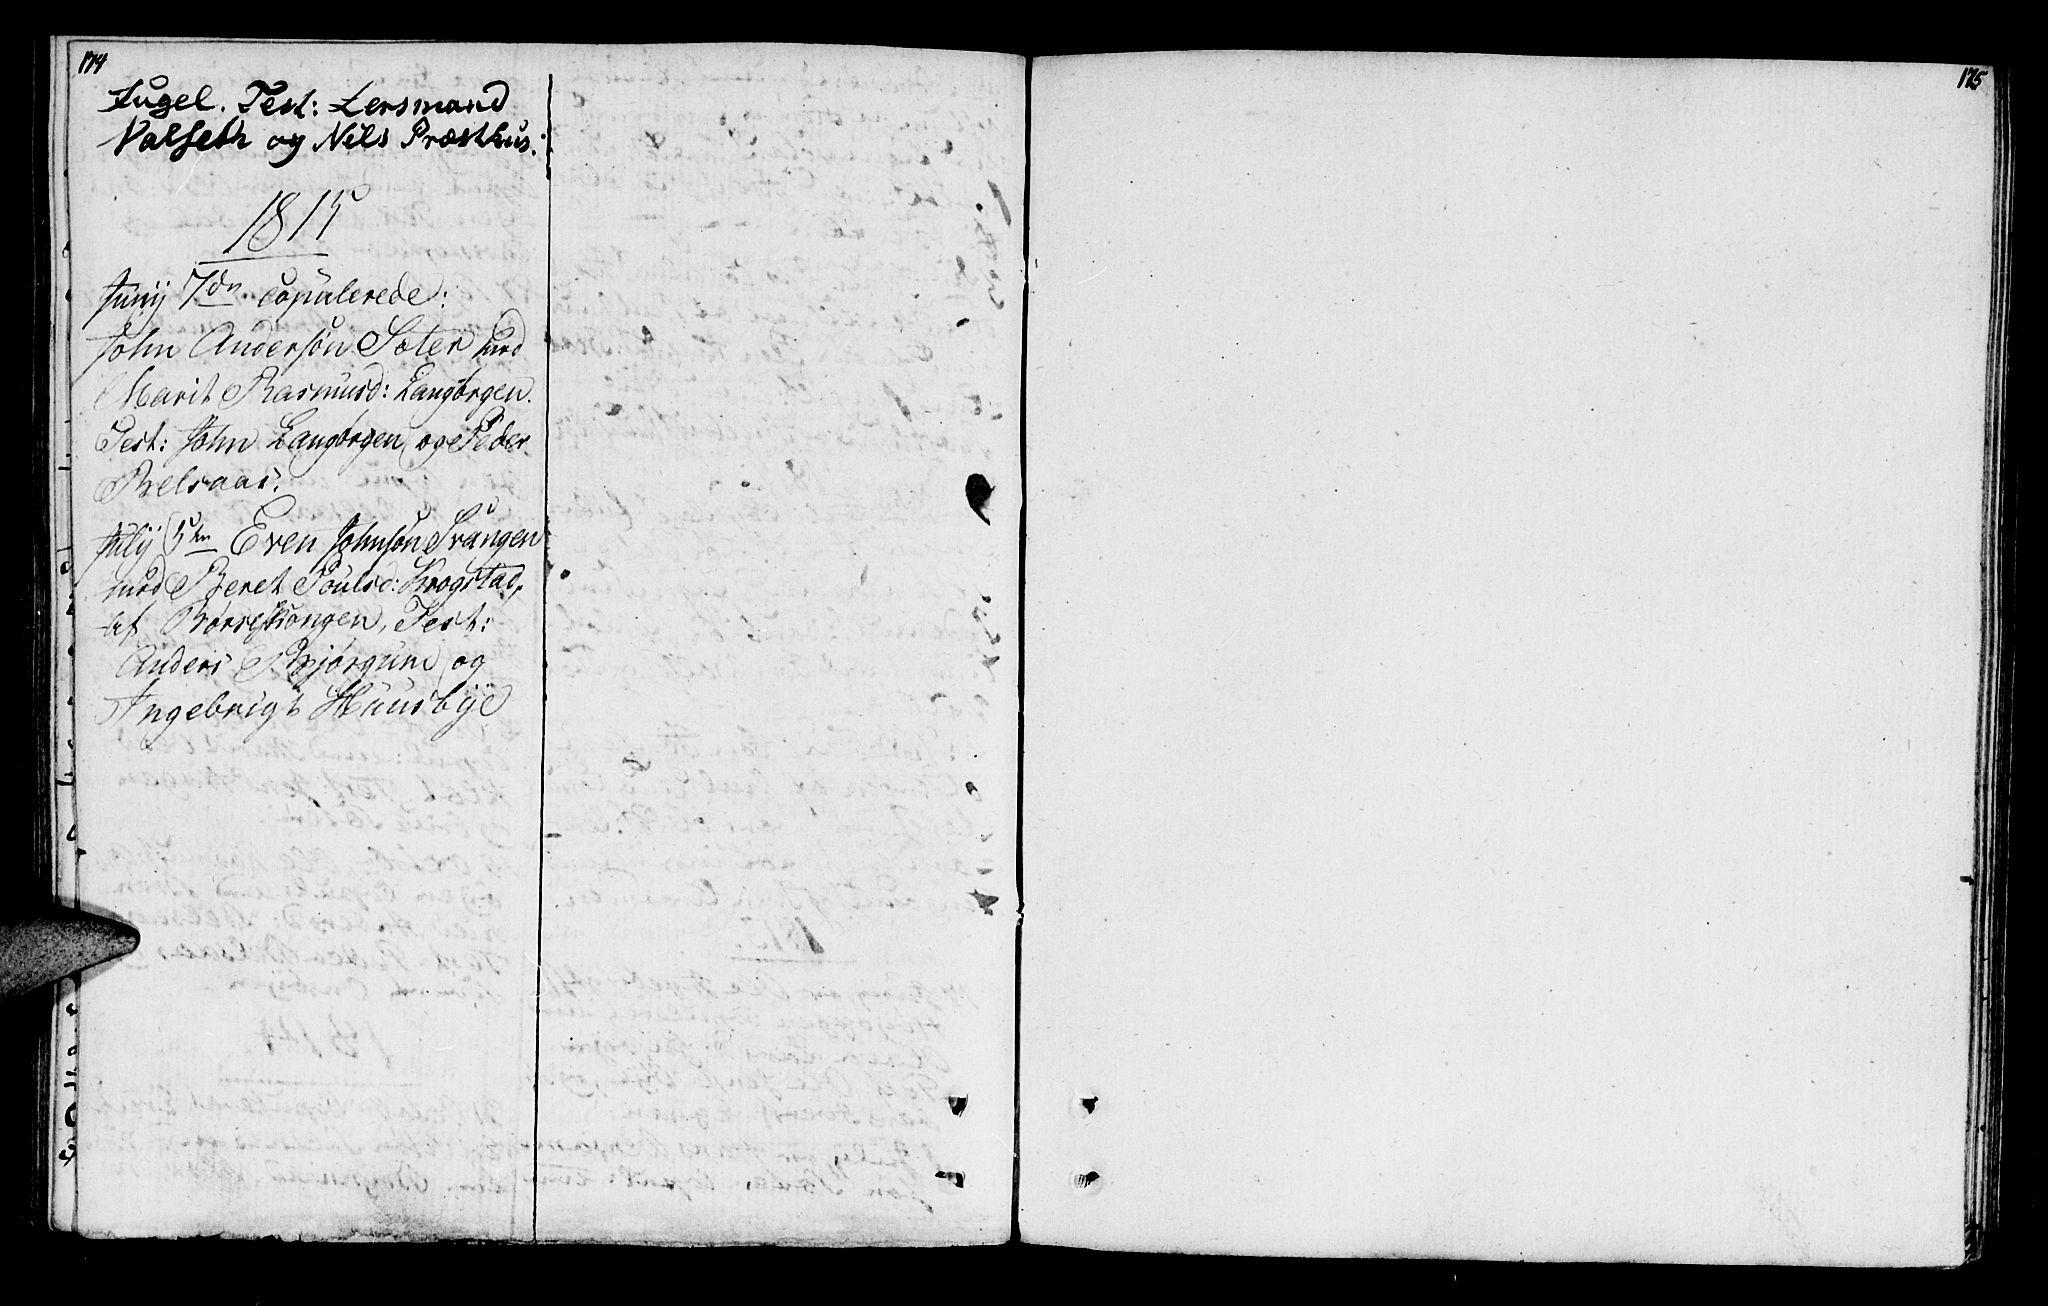 SAT, Ministerialprotokoller, klokkerbøker og fødselsregistre - Sør-Trøndelag, 666/L0785: Ministerialbok nr. 666A03, 1803-1816, s. 174-175